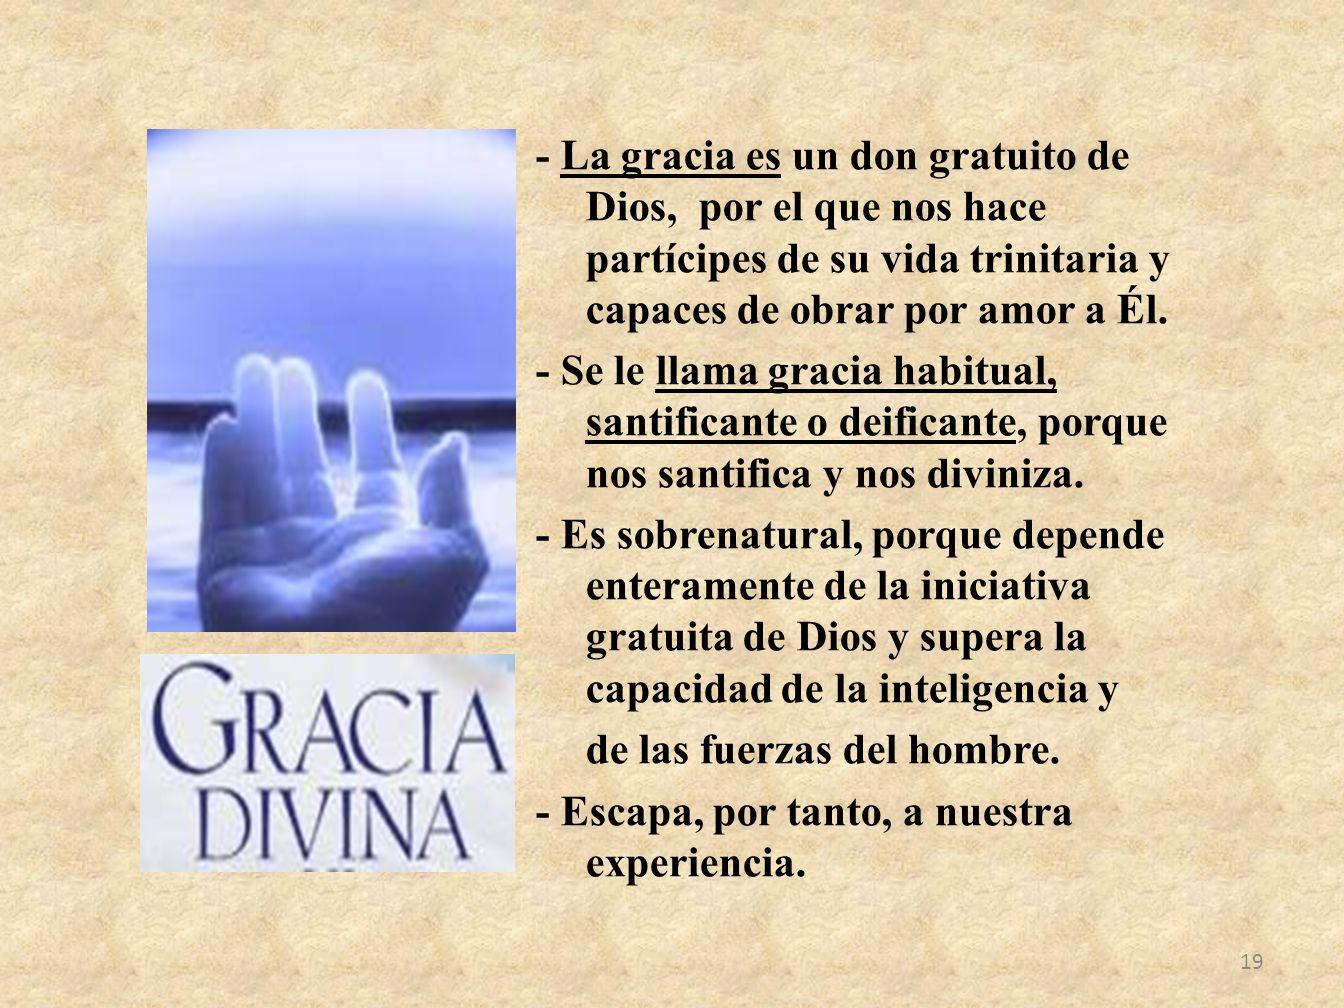 - La gracia es un don gratuito de Dios, por el que nos hace partícipes de su vida trinitaria y capaces de obrar por amor a Él.